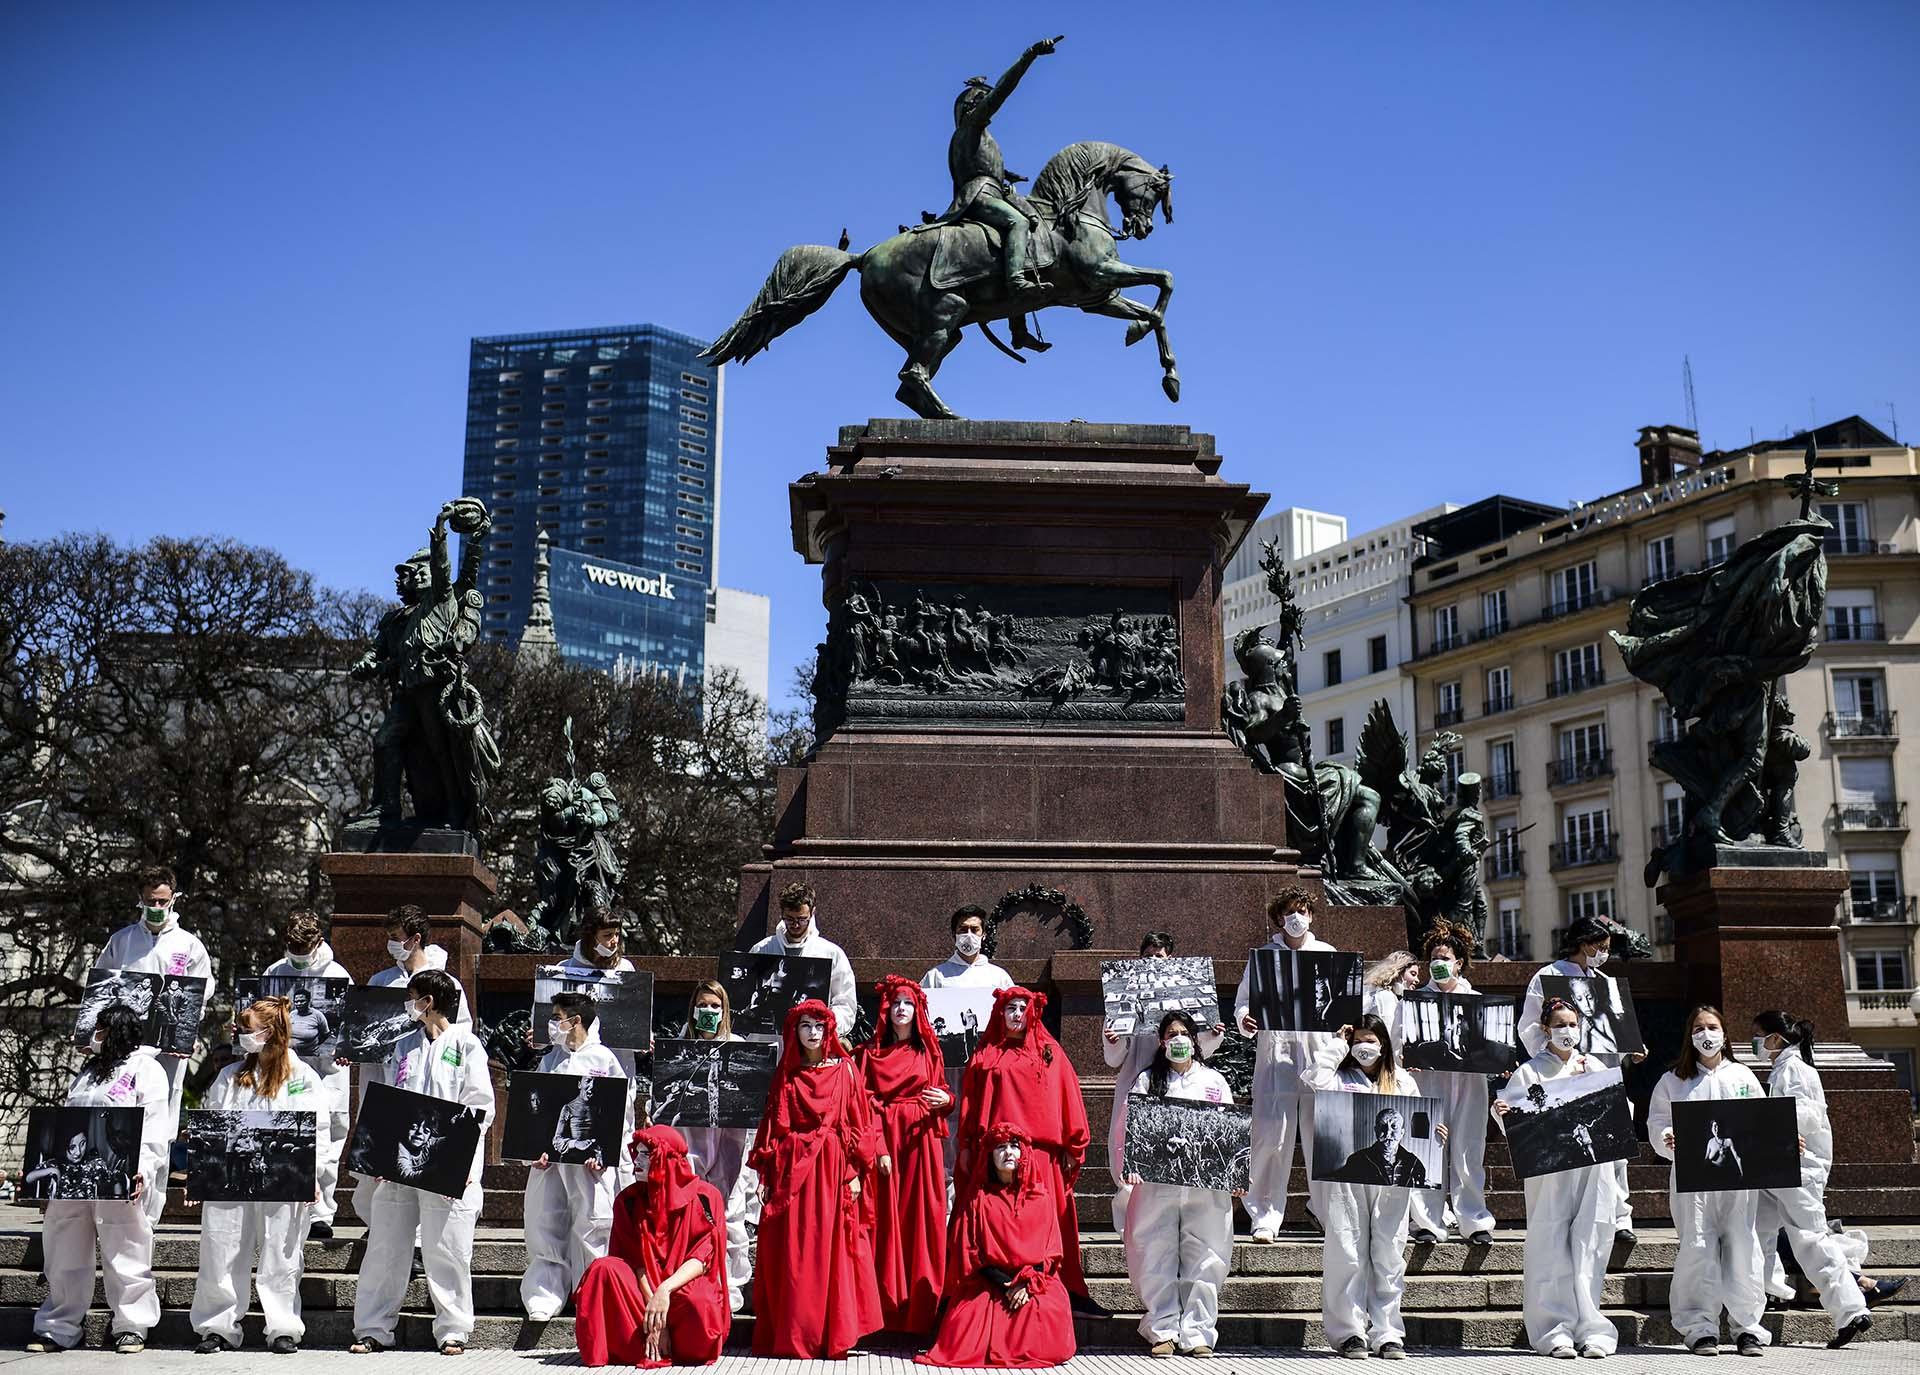 Los manifestantes participan en una manifestación convocada por el grupo activista contra el cambio climático Extinction Rebellion, en la plaza San Martín en Buenos Aires el 7 de octubre de 2019. (Foto de RONALDO SCHEMIDT / AFP)